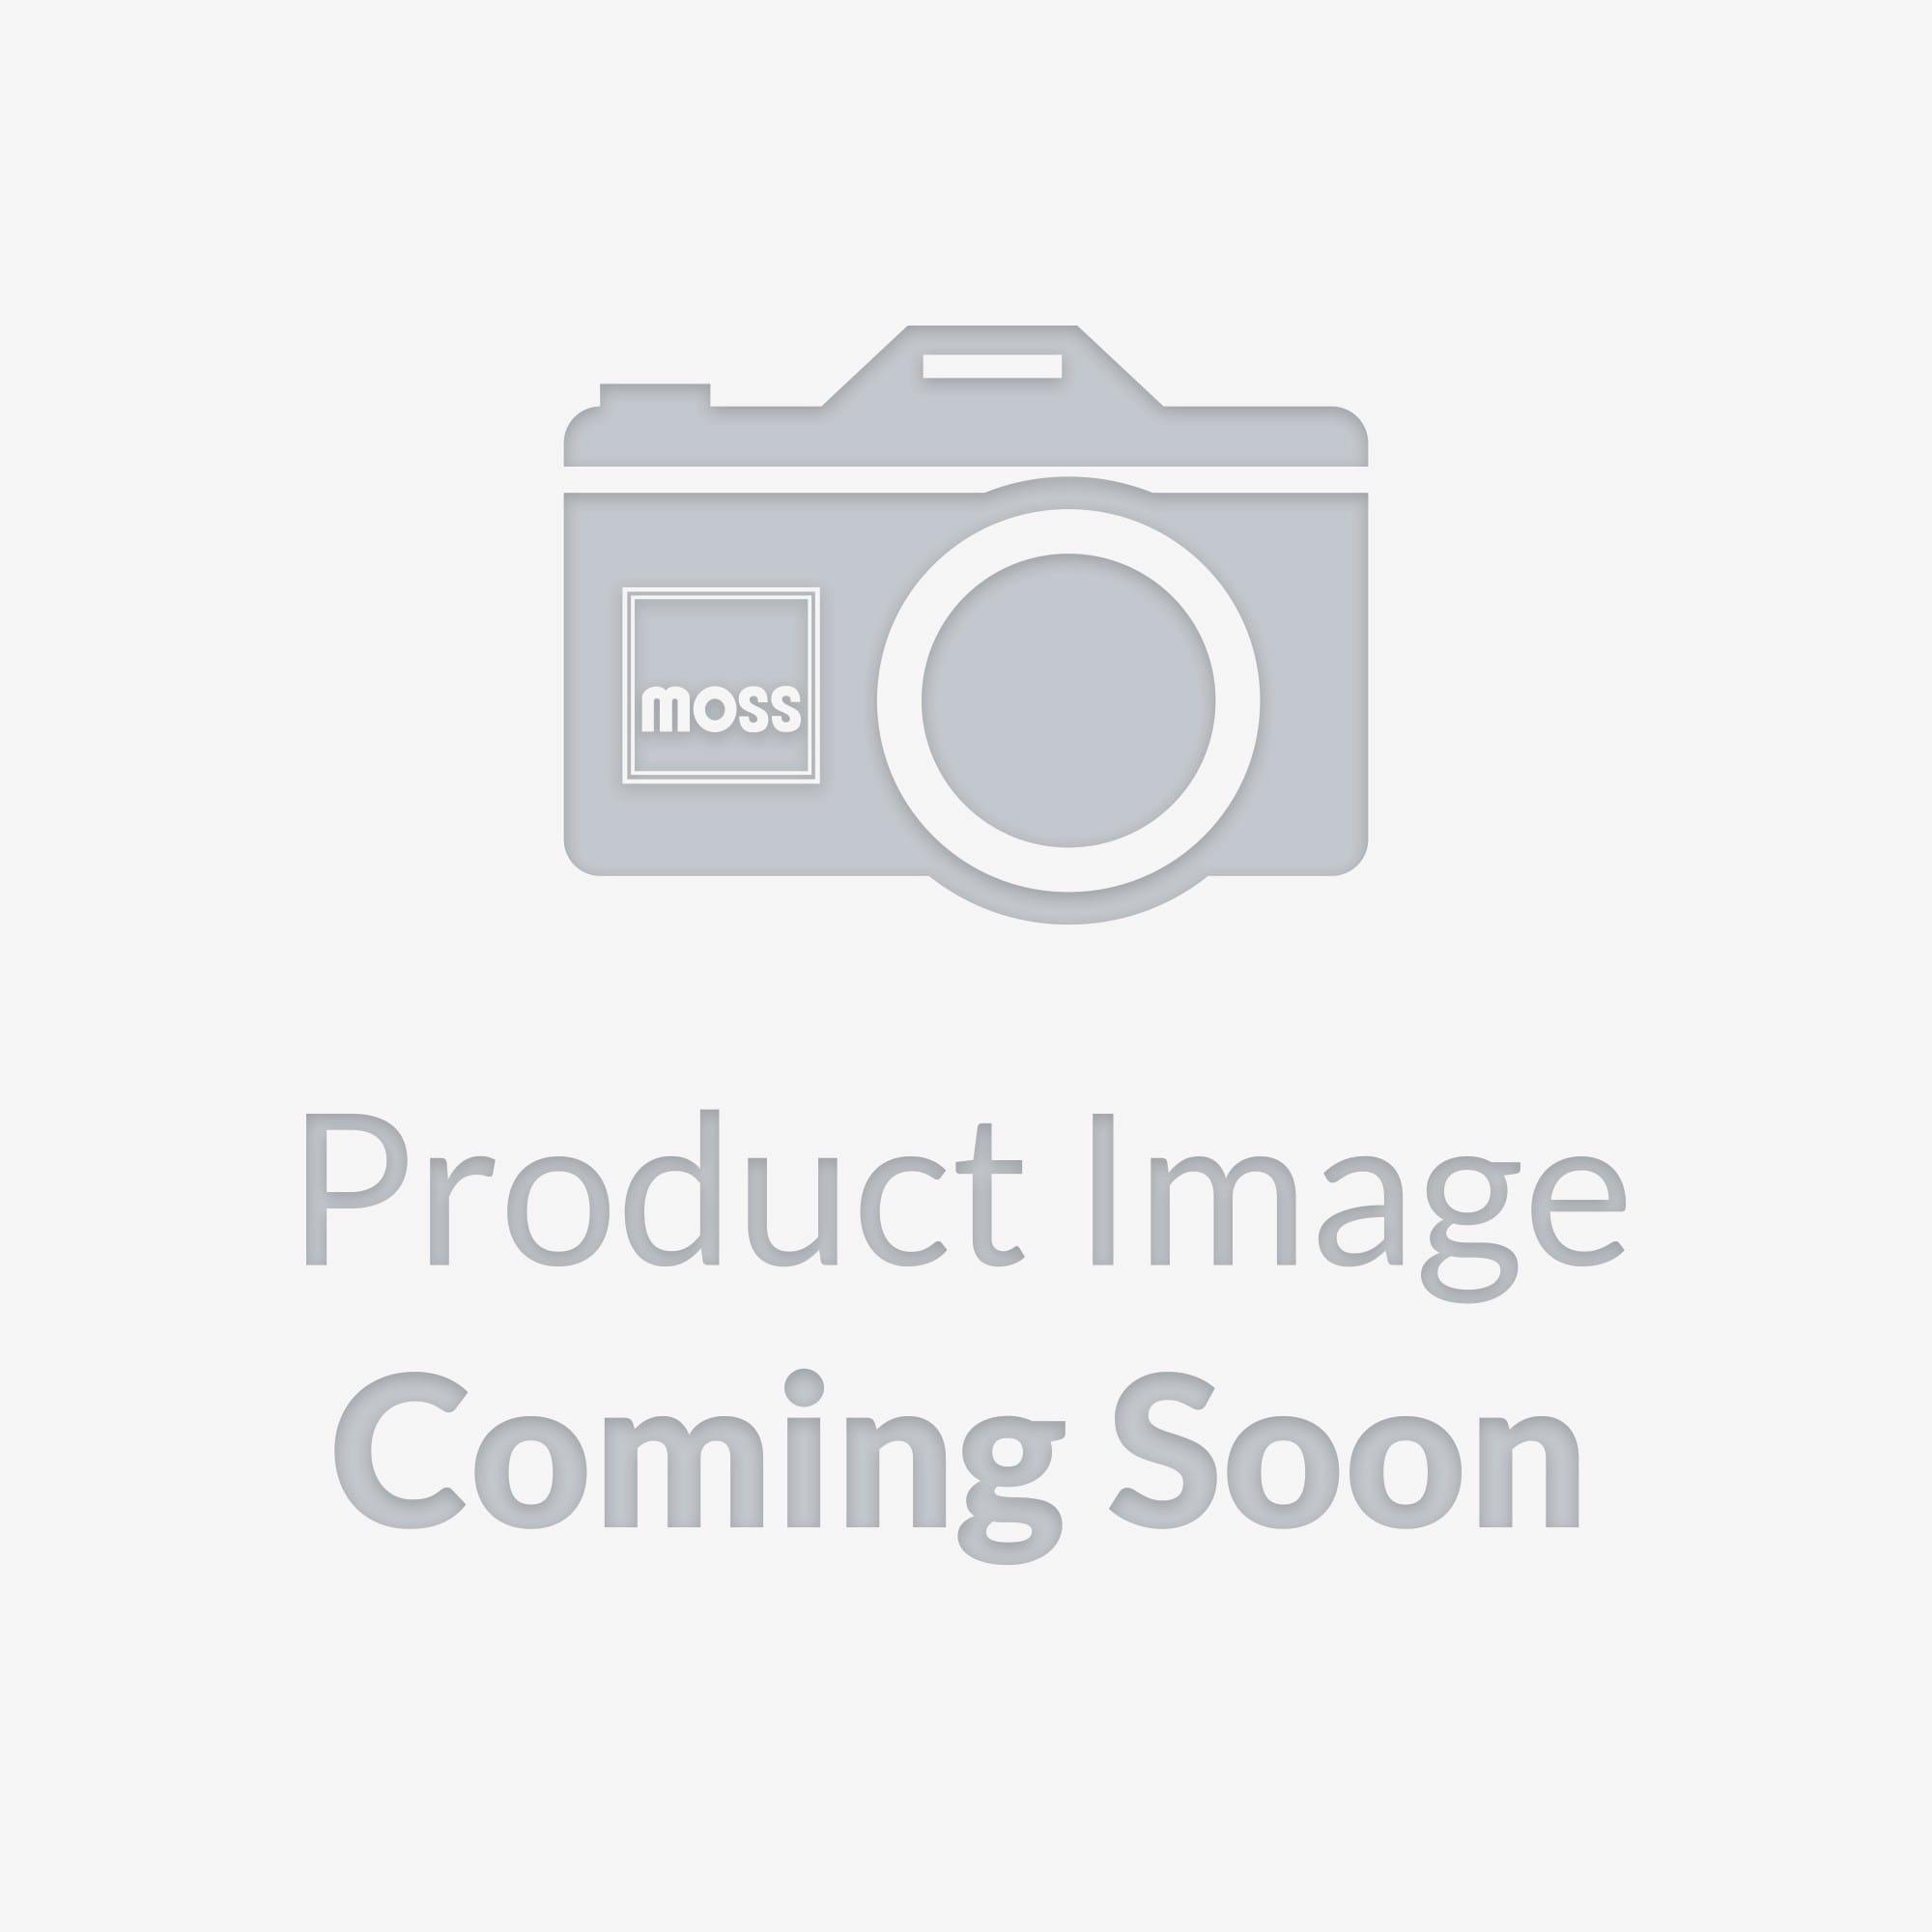 377 310 Fuel Filter Metal Body Moss Motors Exhaust